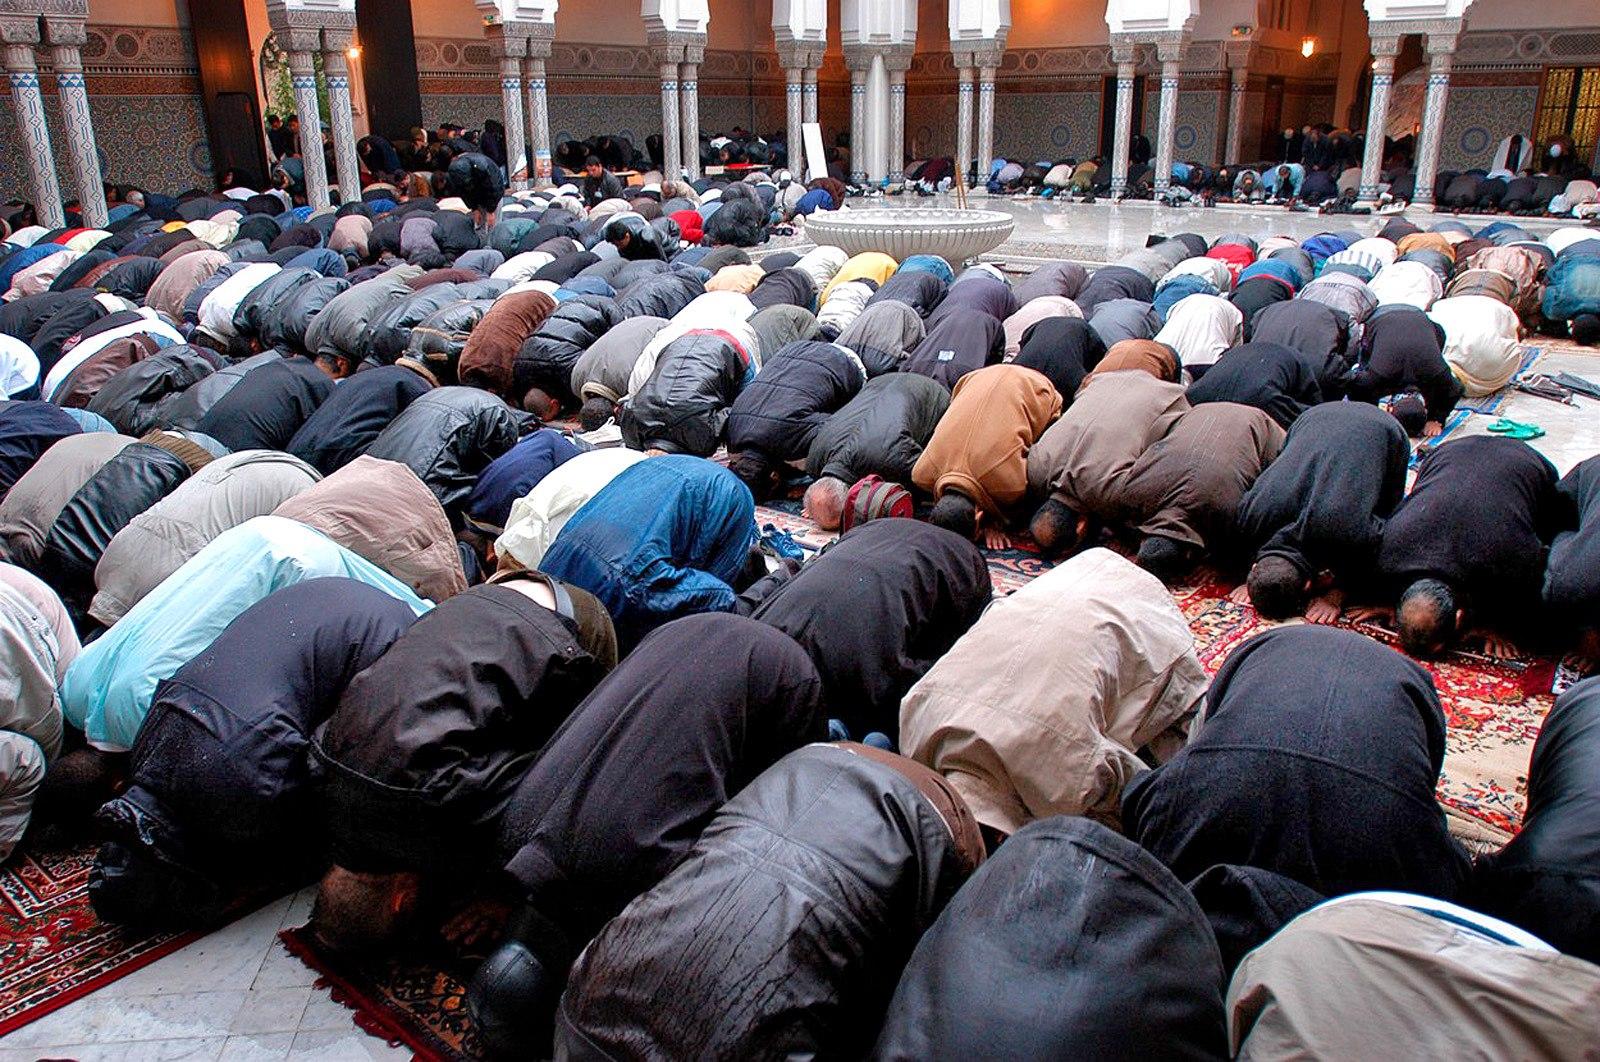 Výsledek obrázku pro muslimska modlitba